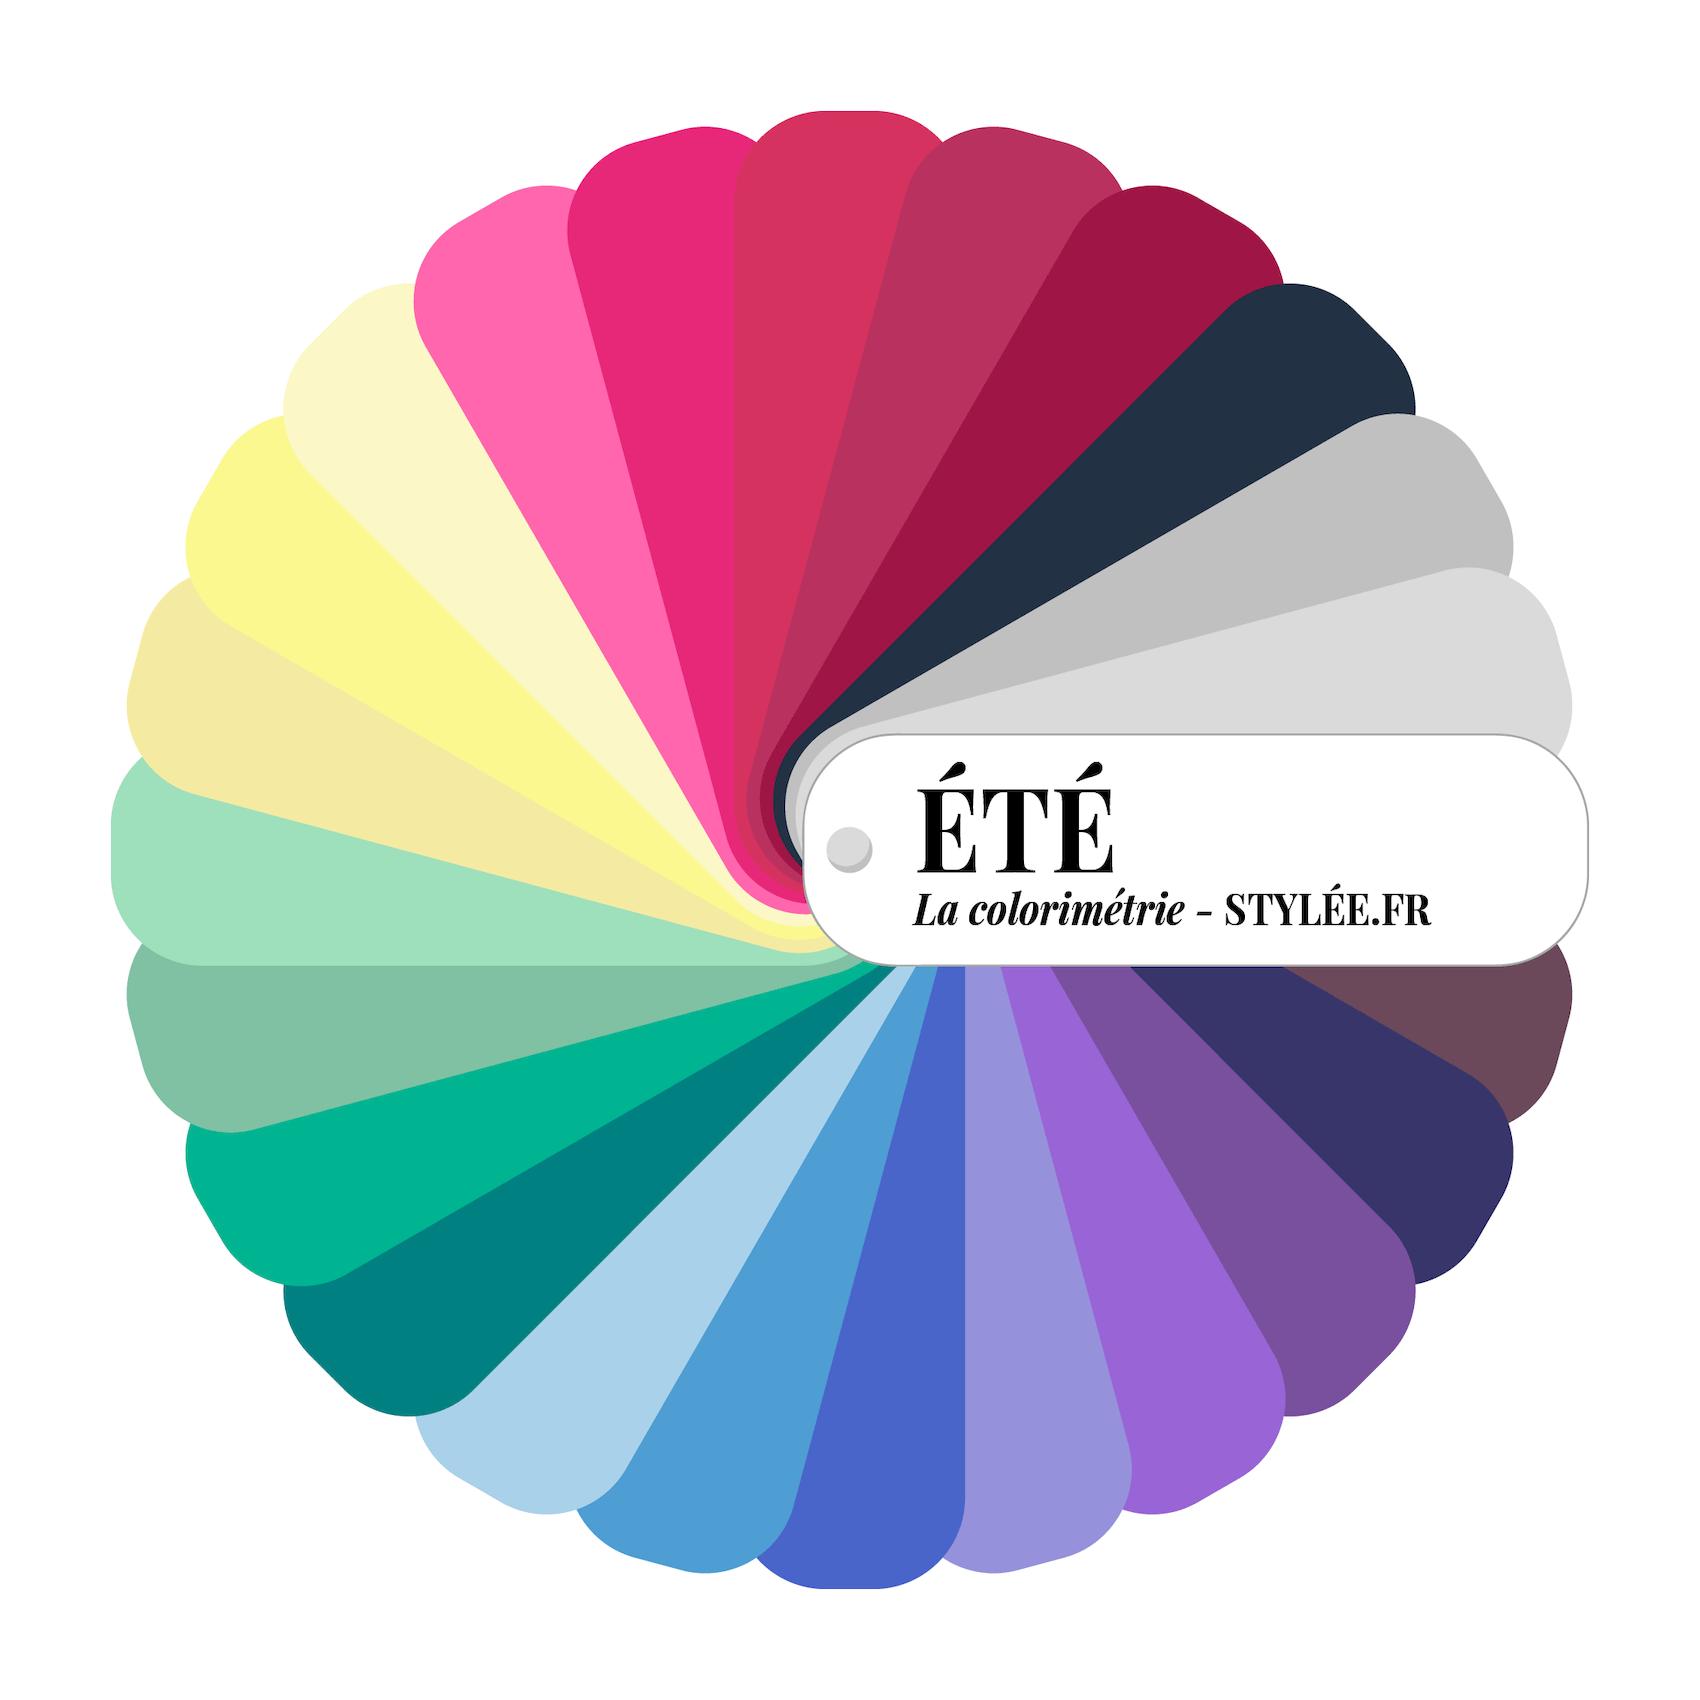 La colorimétrie